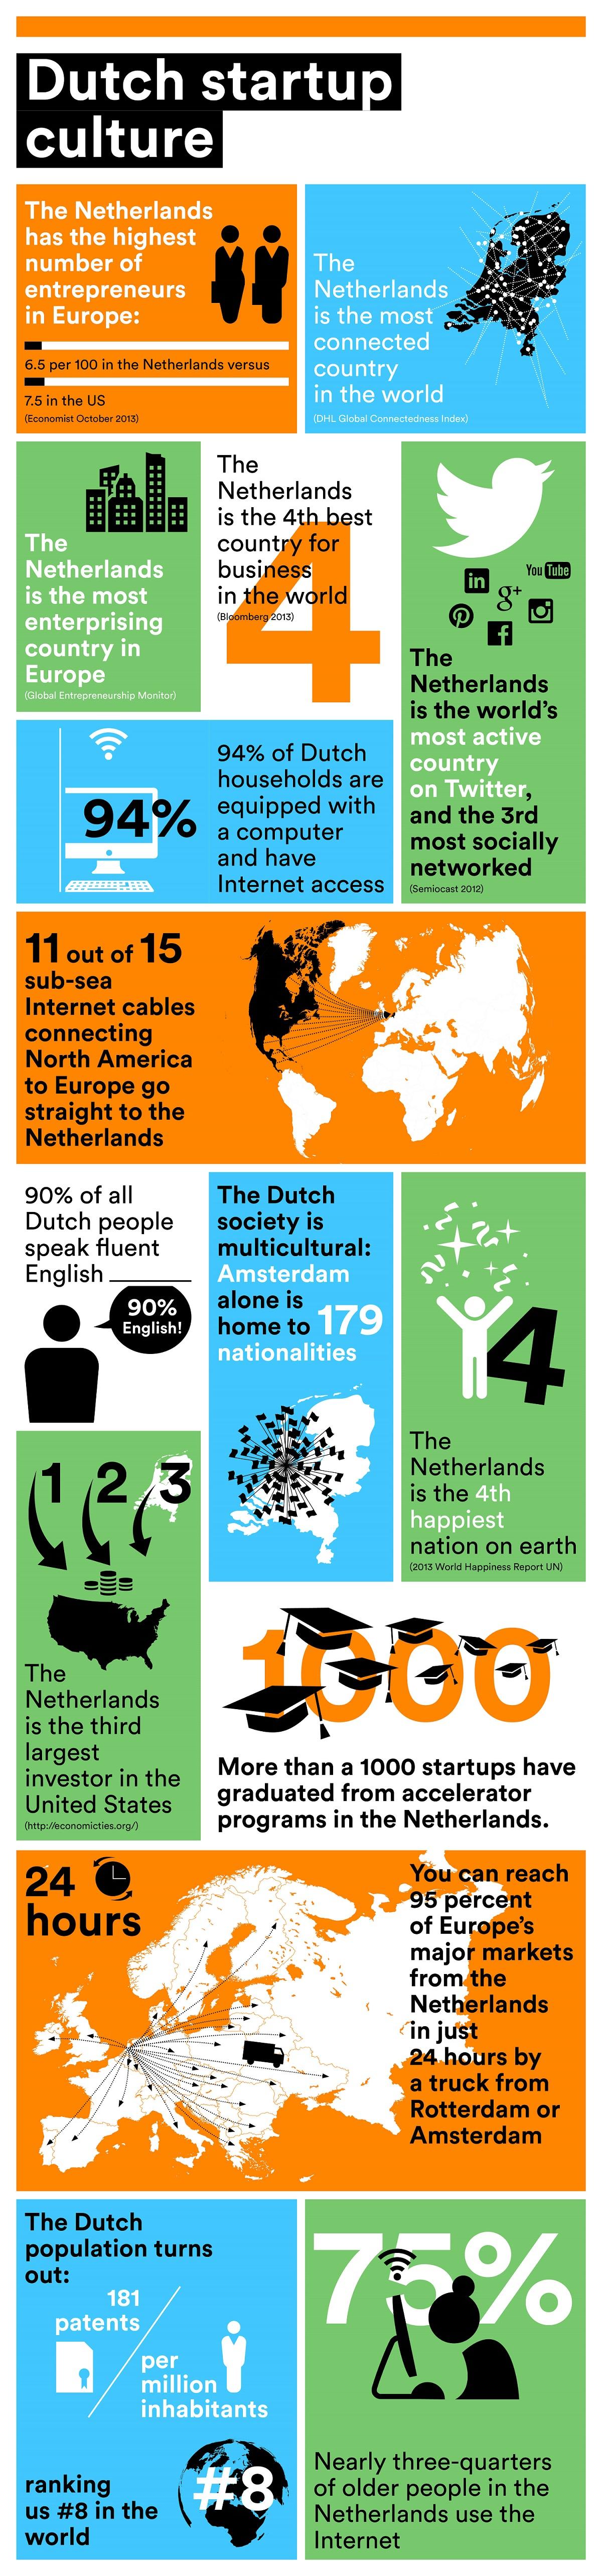 Dutch Start Up Culture